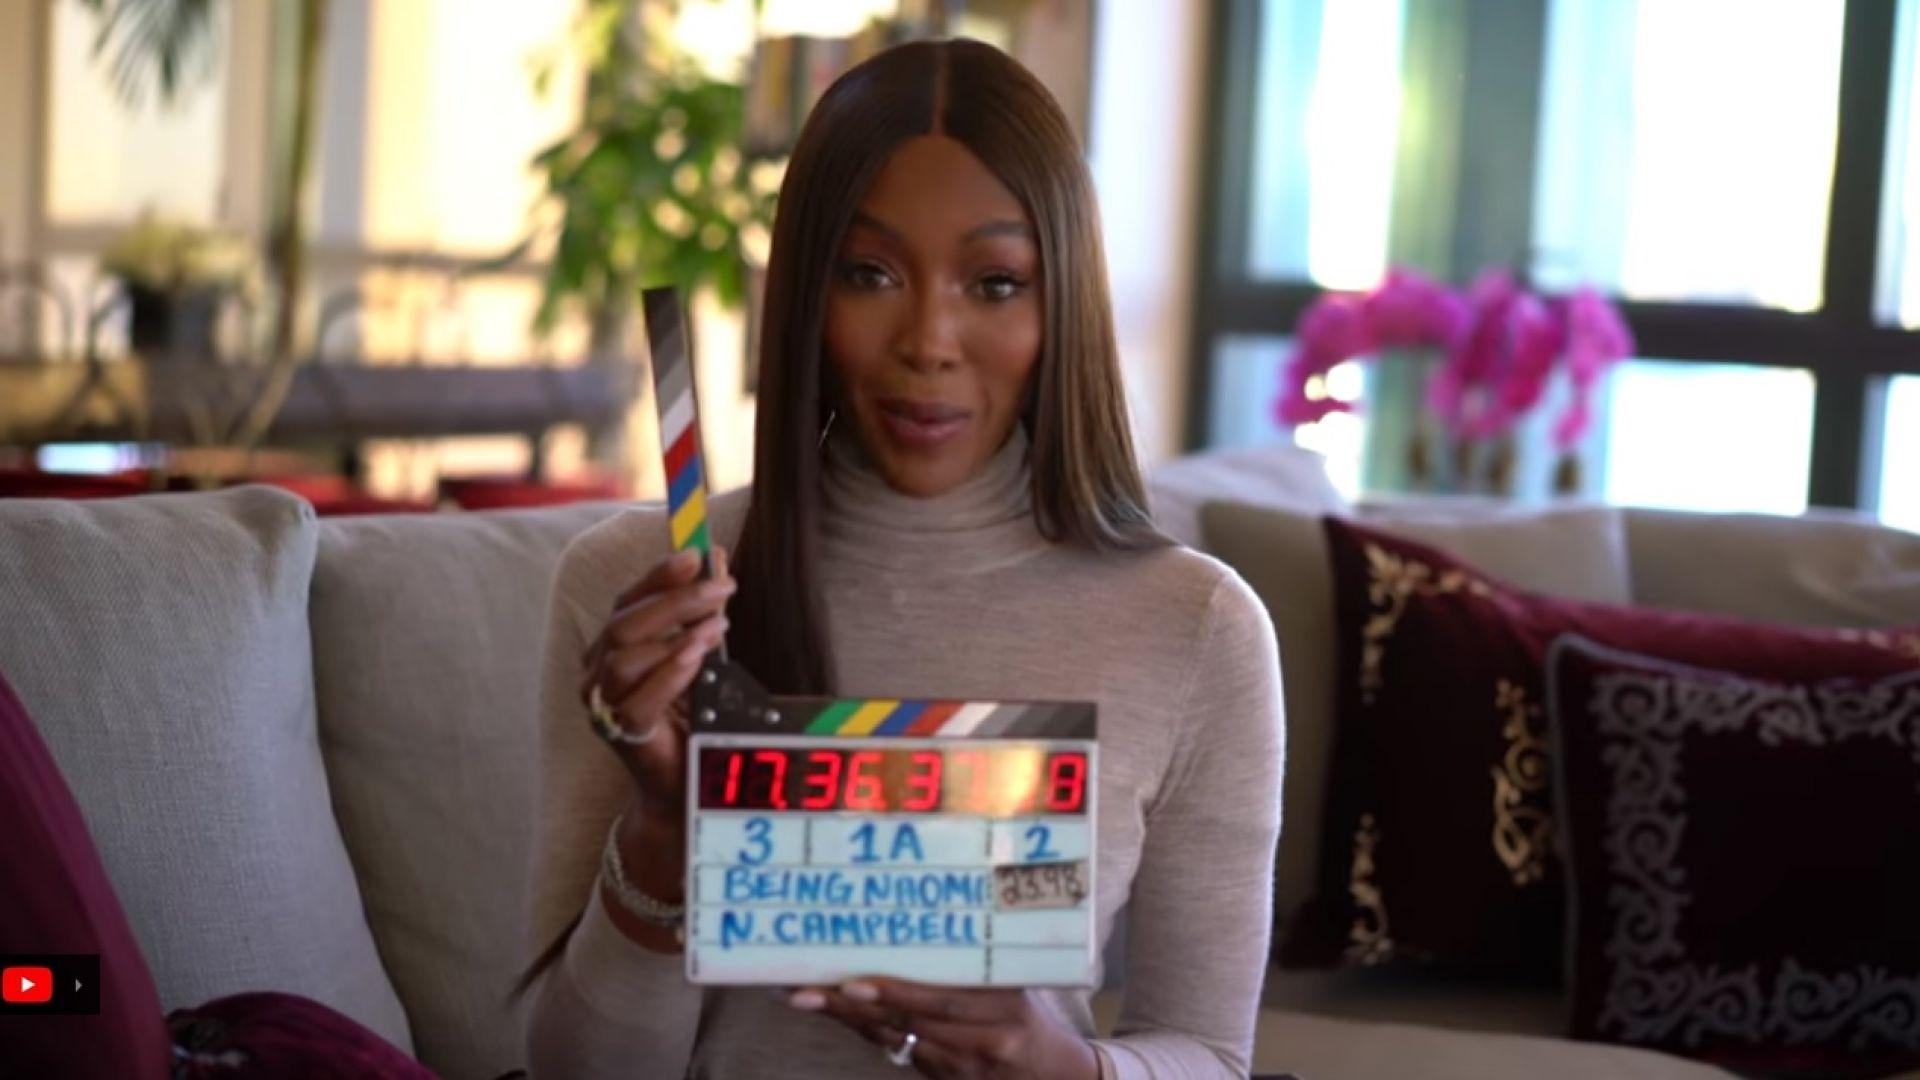 Наоми Кембъл стартира собствен канал в YouTube